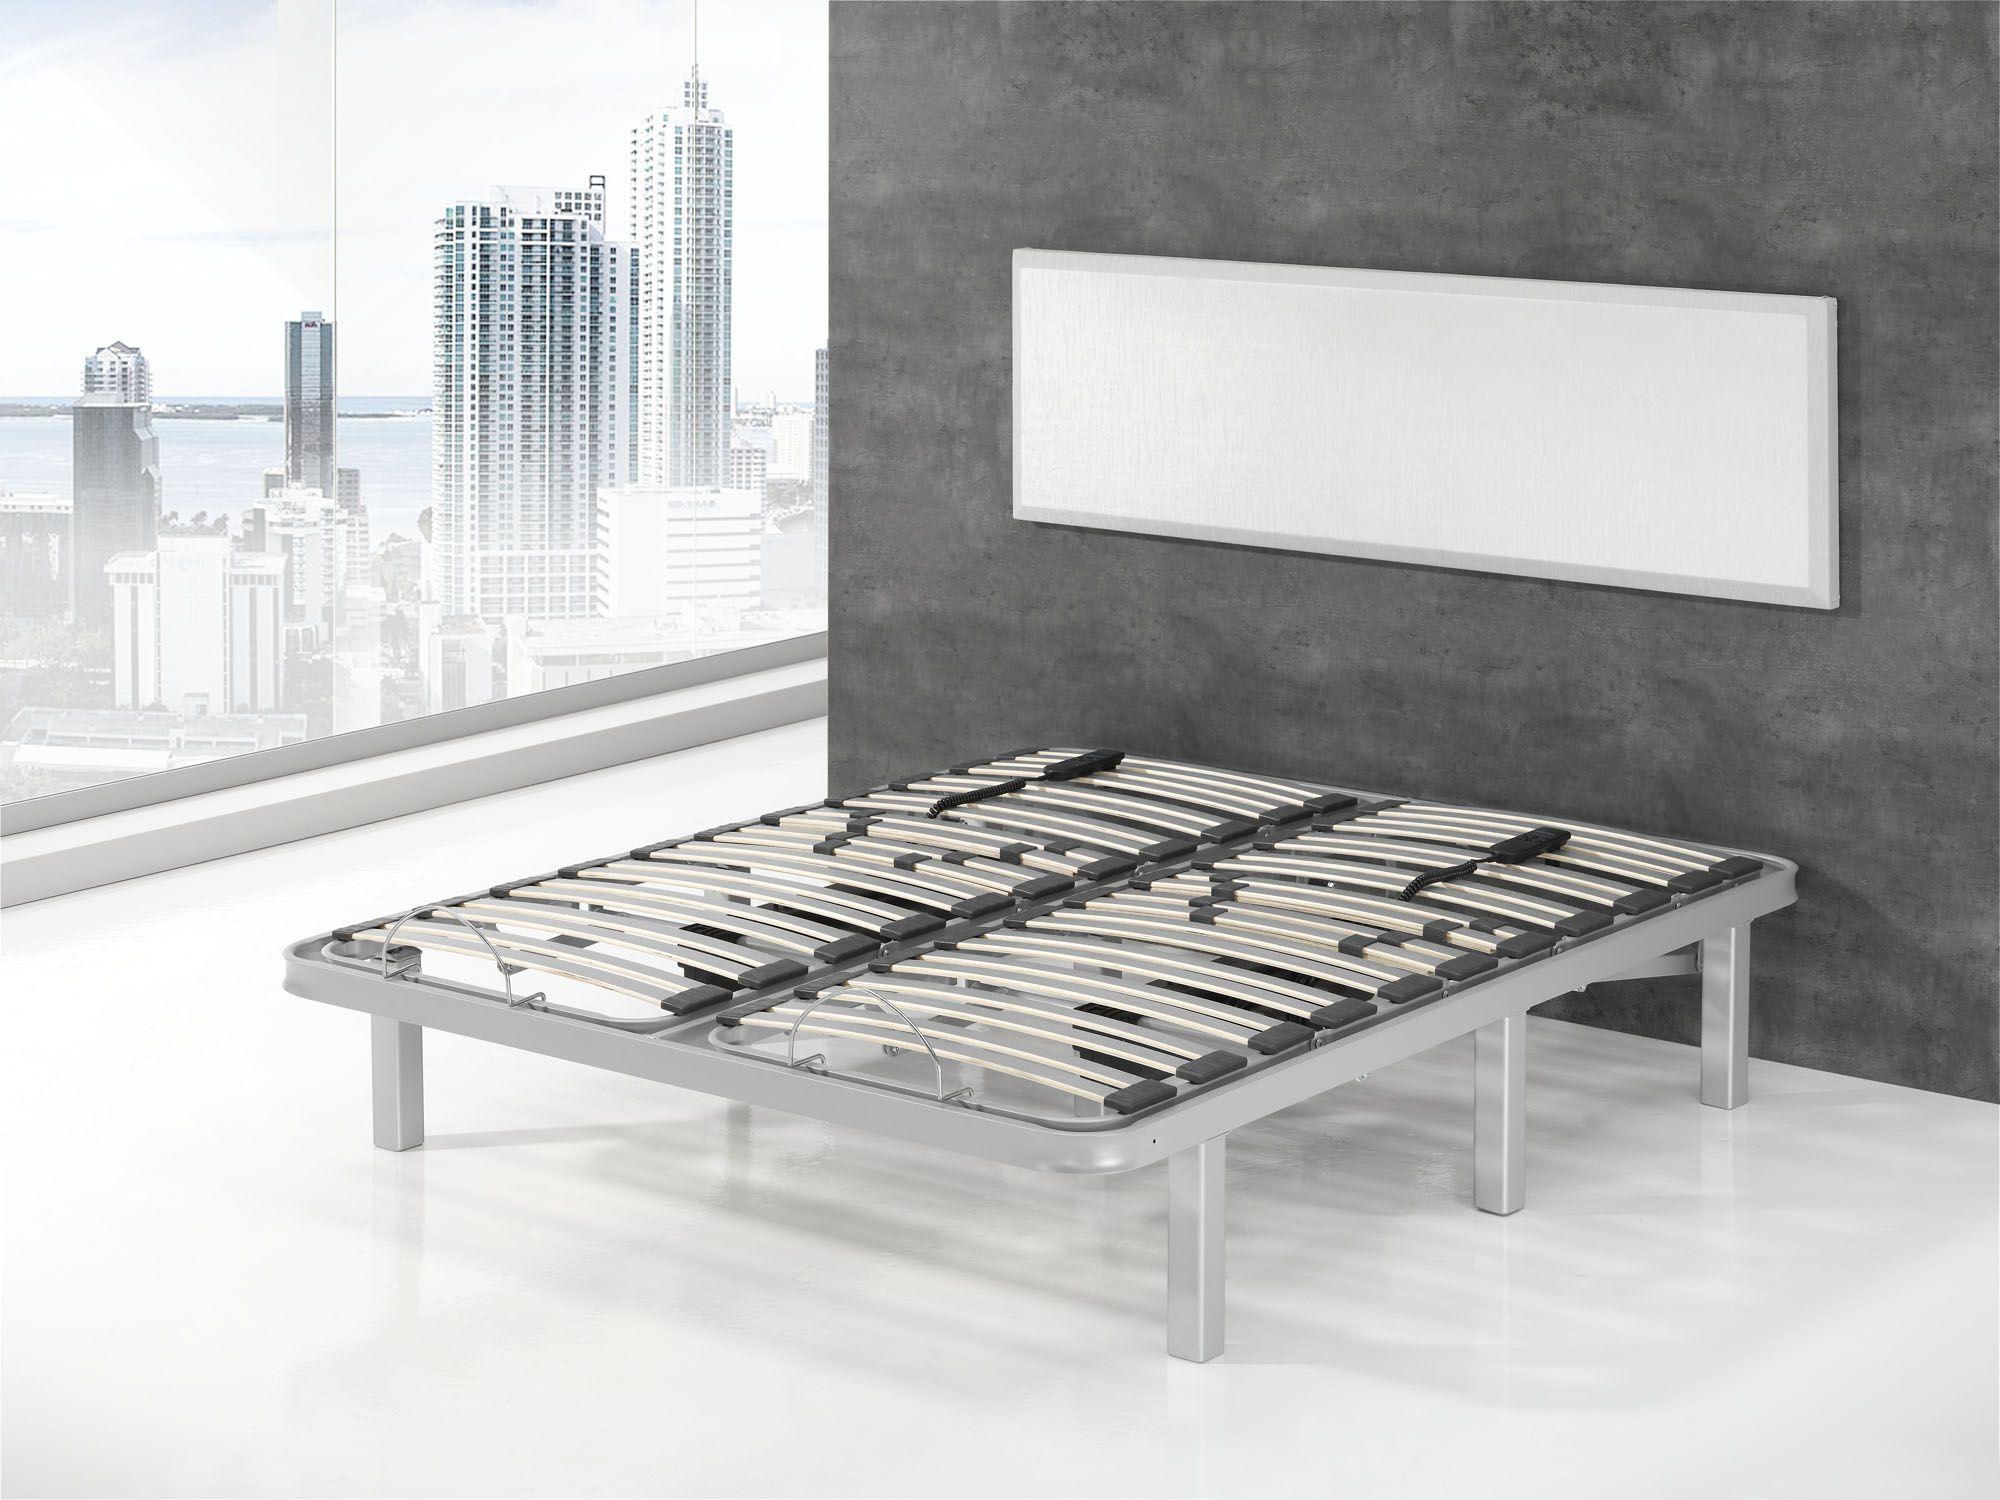 Fábrica y distribución de canapés, bases tapizadas, cabezales y complemento